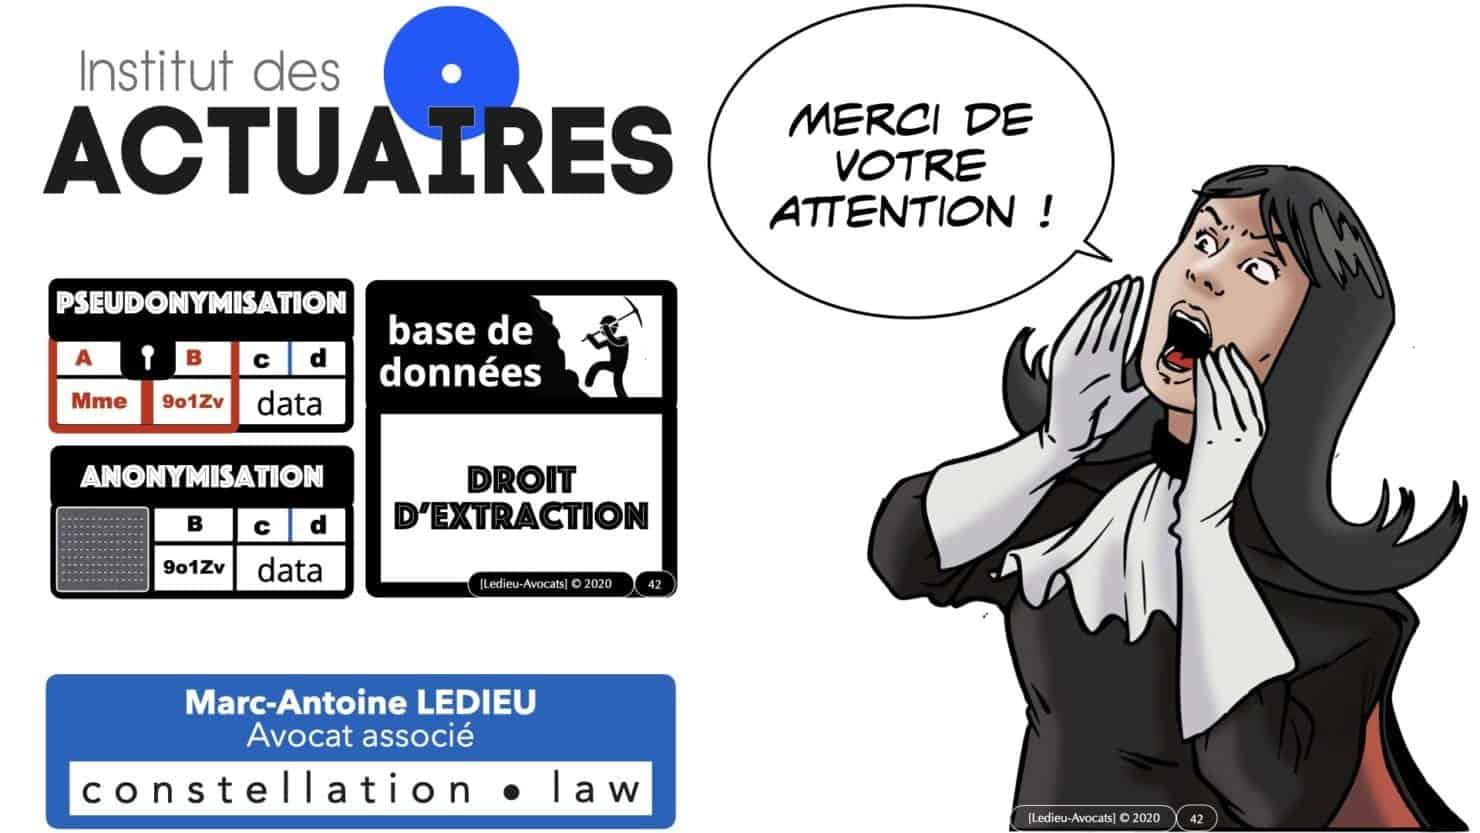 309 pseudonymisation et anonymisation des bases de données pour ACTUAIRE *16:9* © Ledieu-avocat 01-11-2020.042